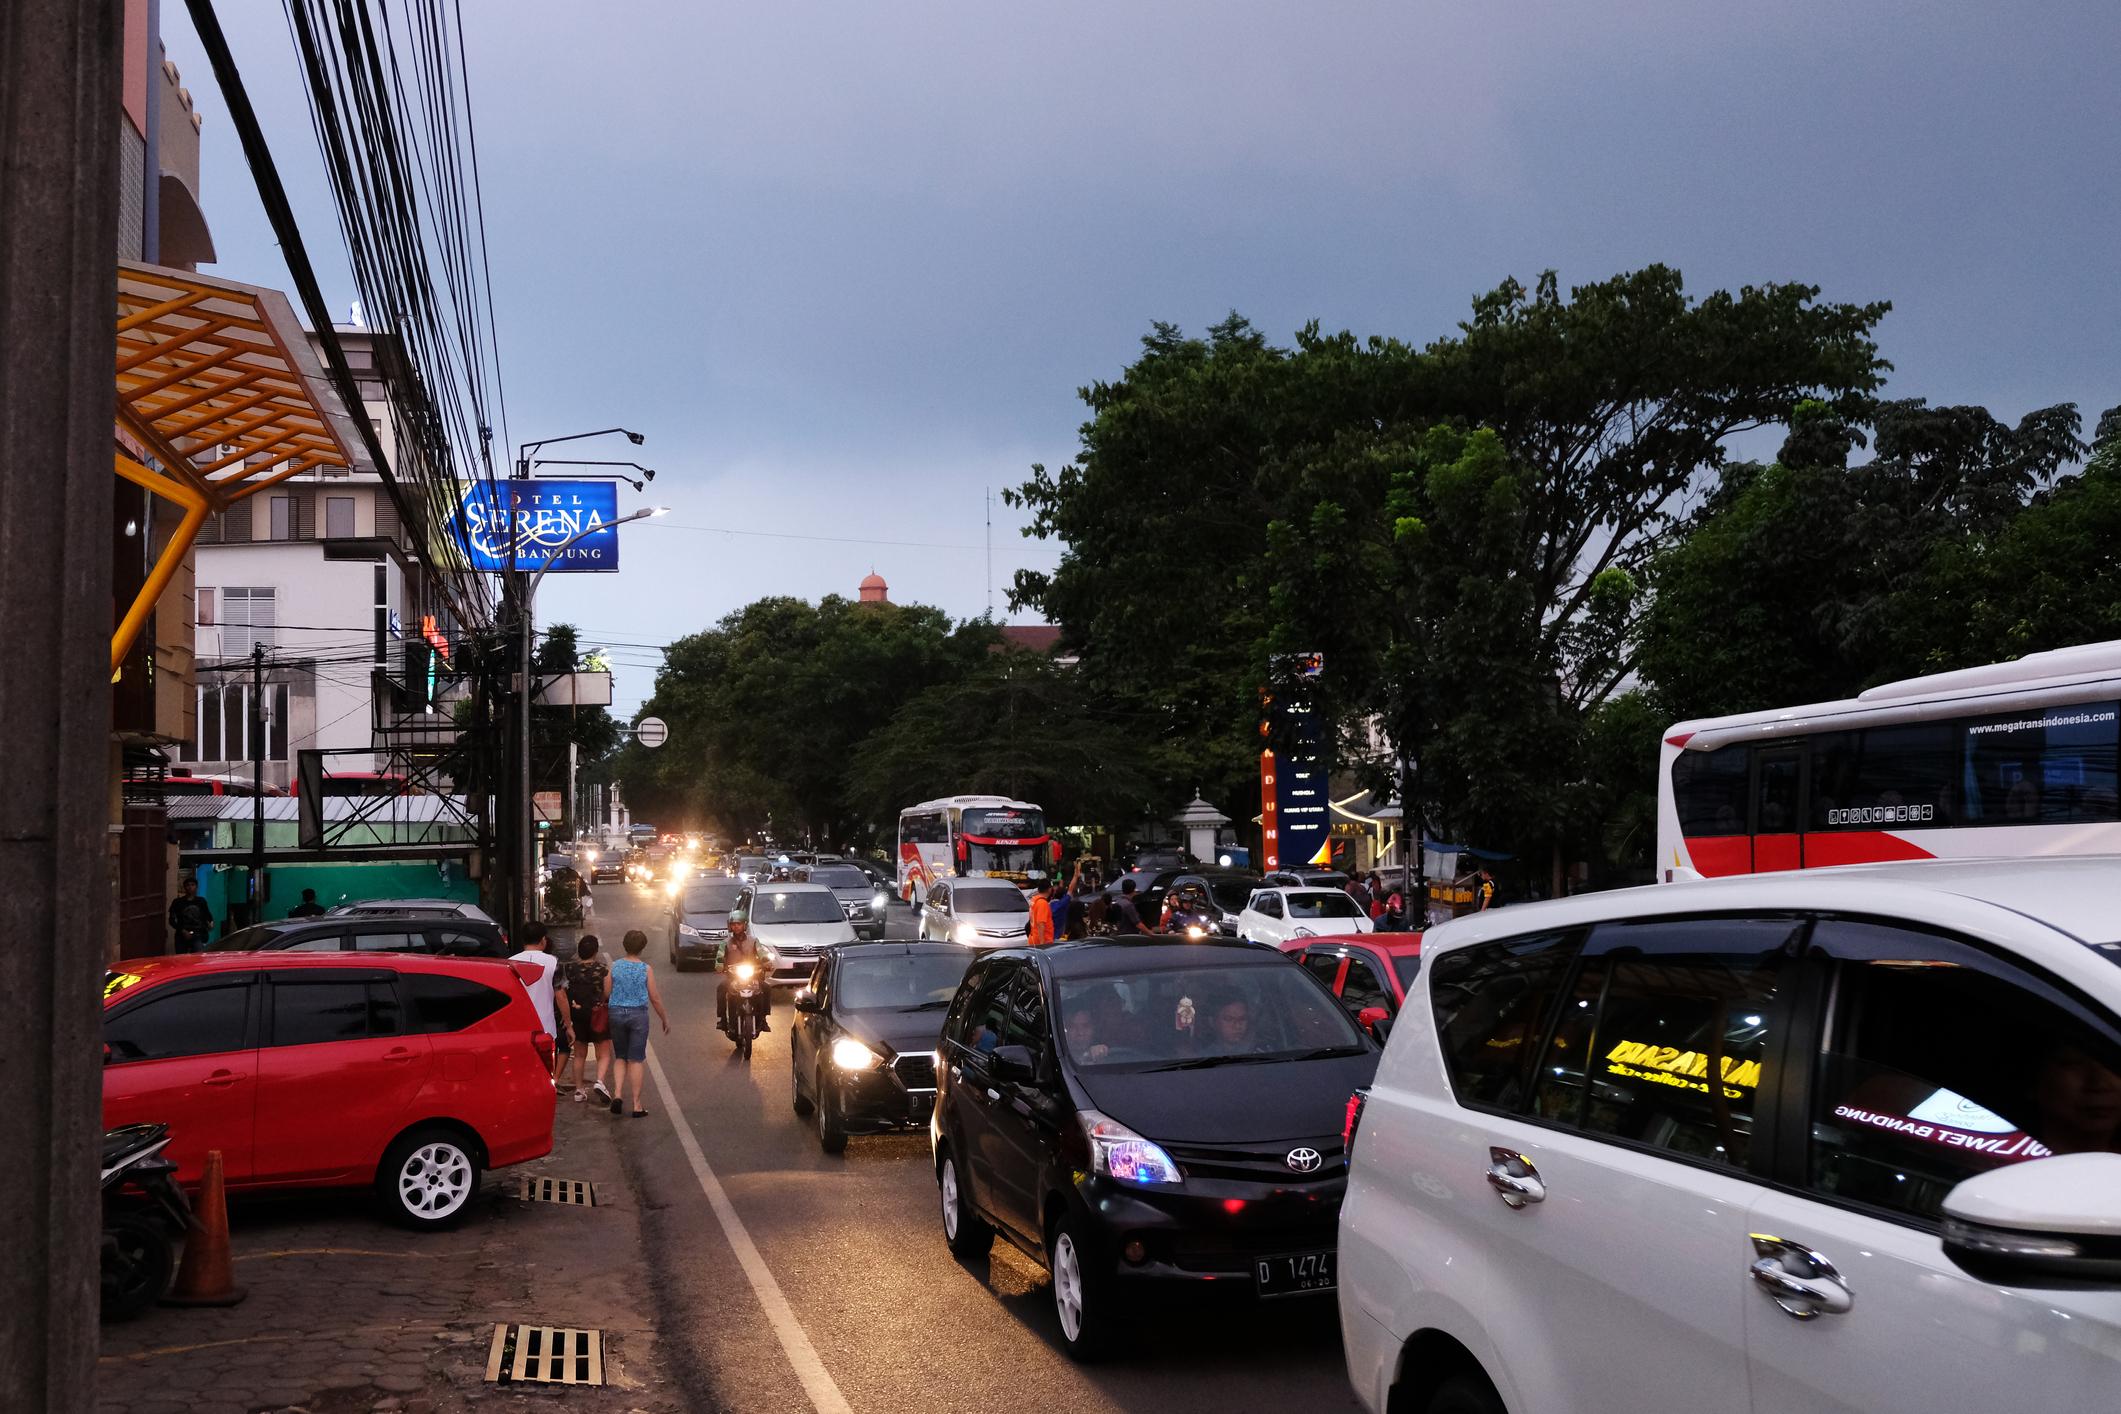 Bukan Jakarta, Ternyata Ini Kota Termacet di Indonesia